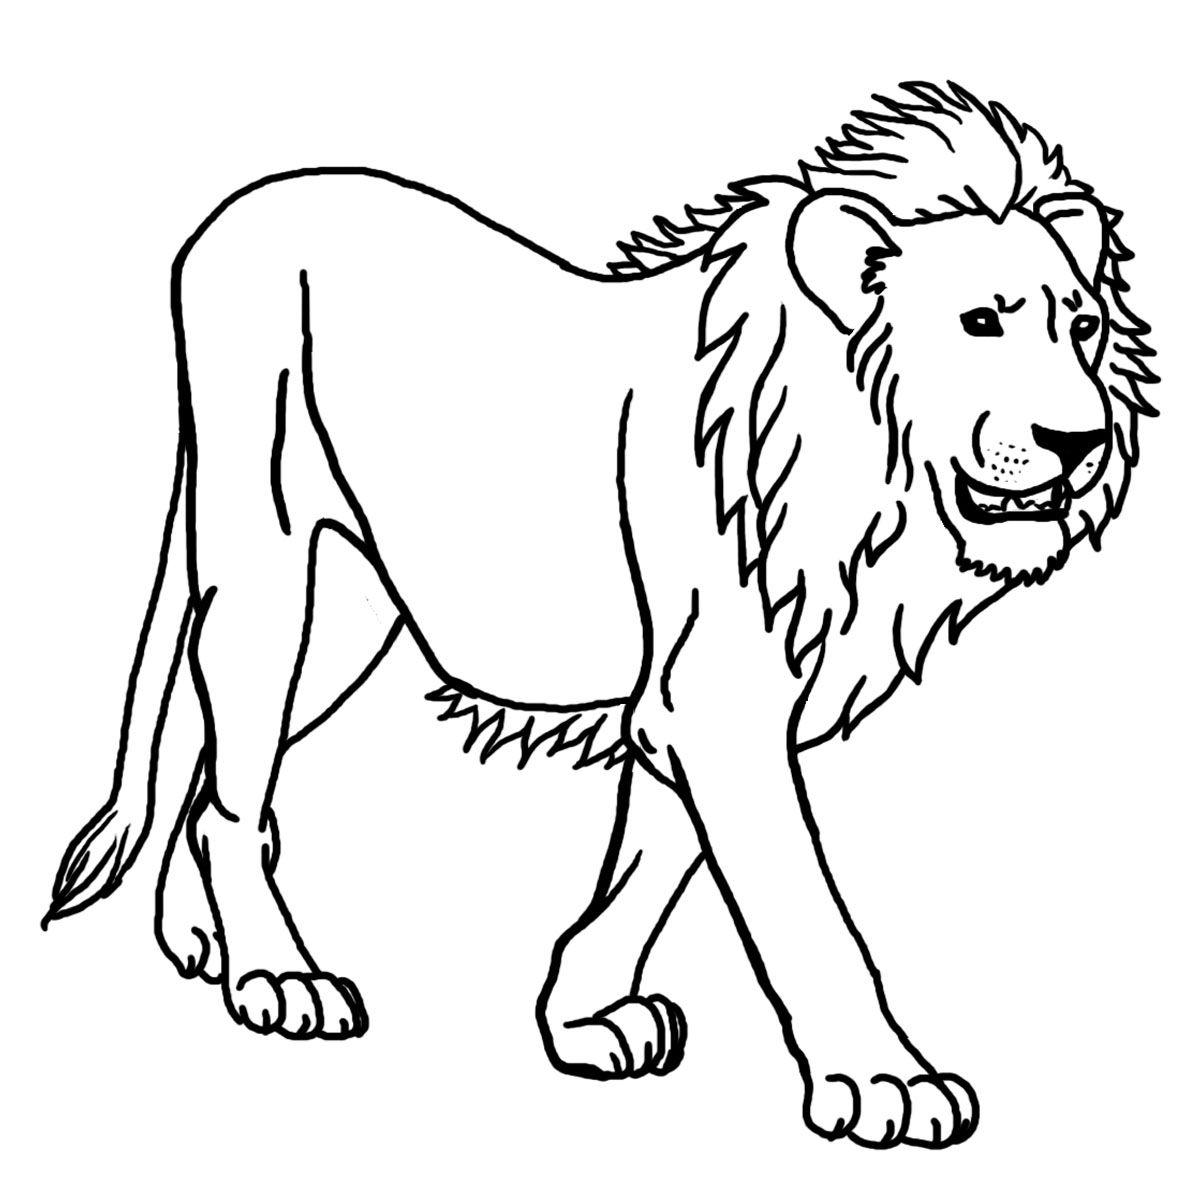 lion outline picture outline pictures pinterest clip art